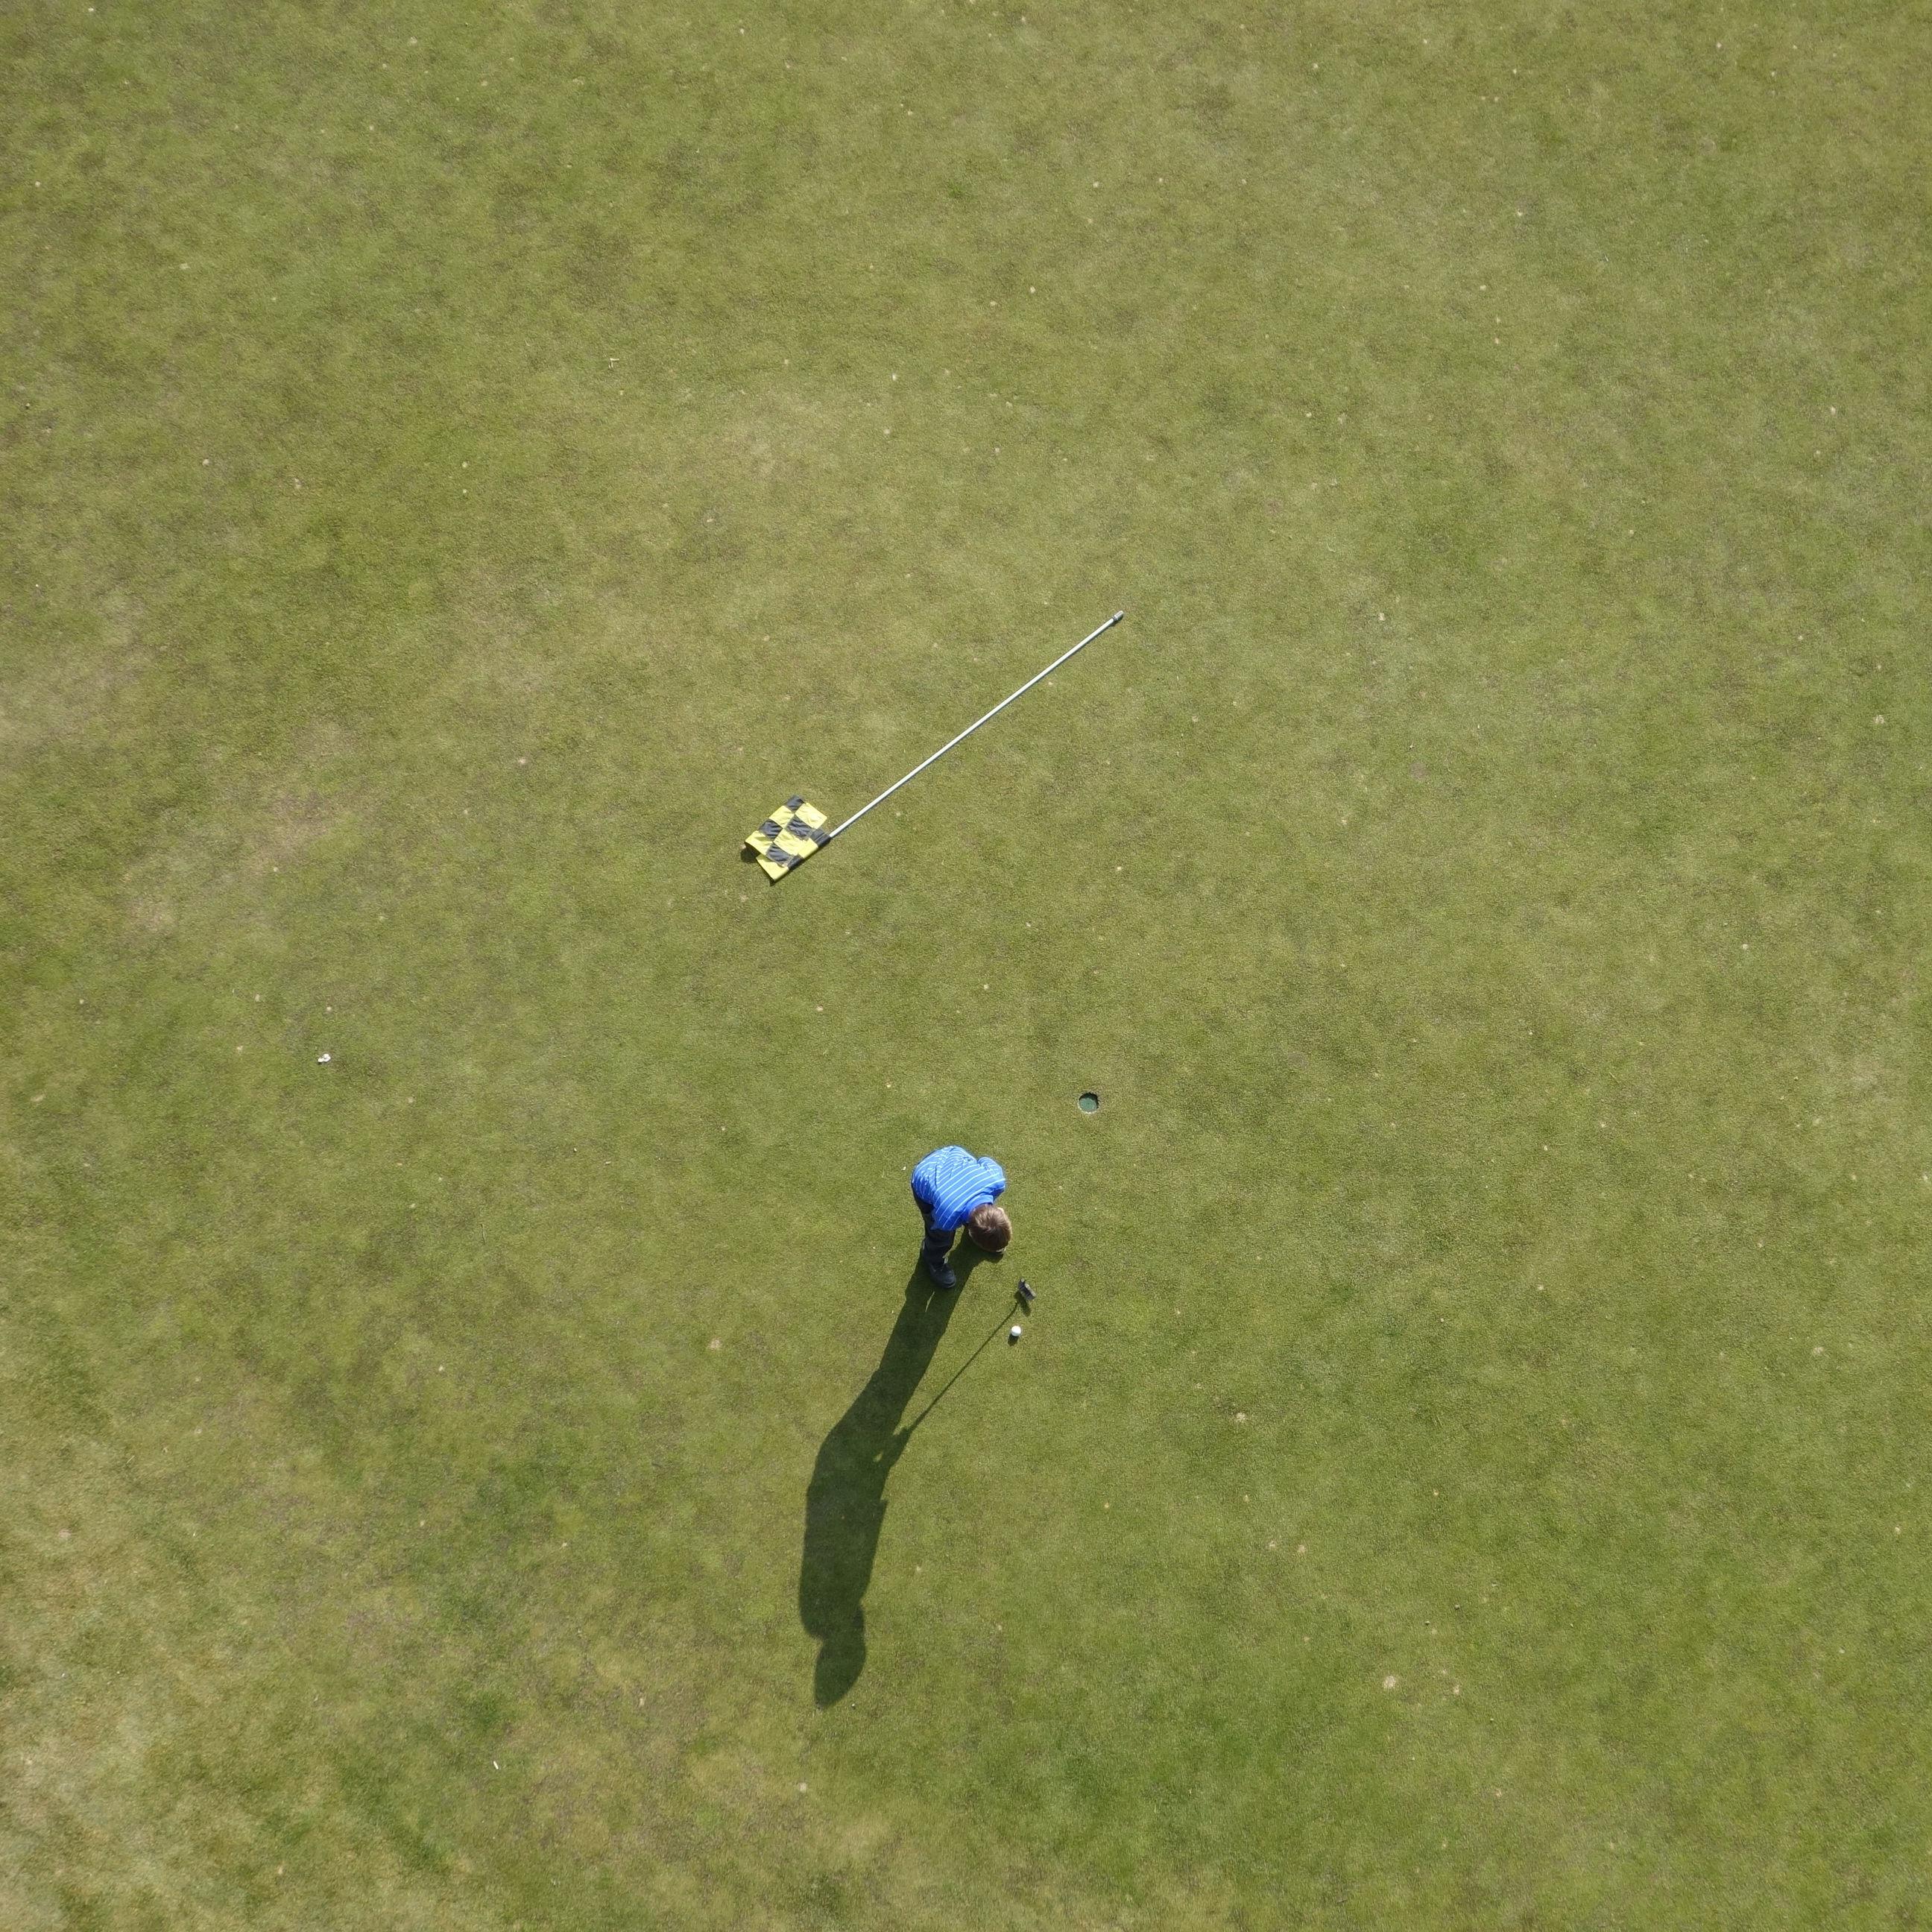 Golf okaqjd